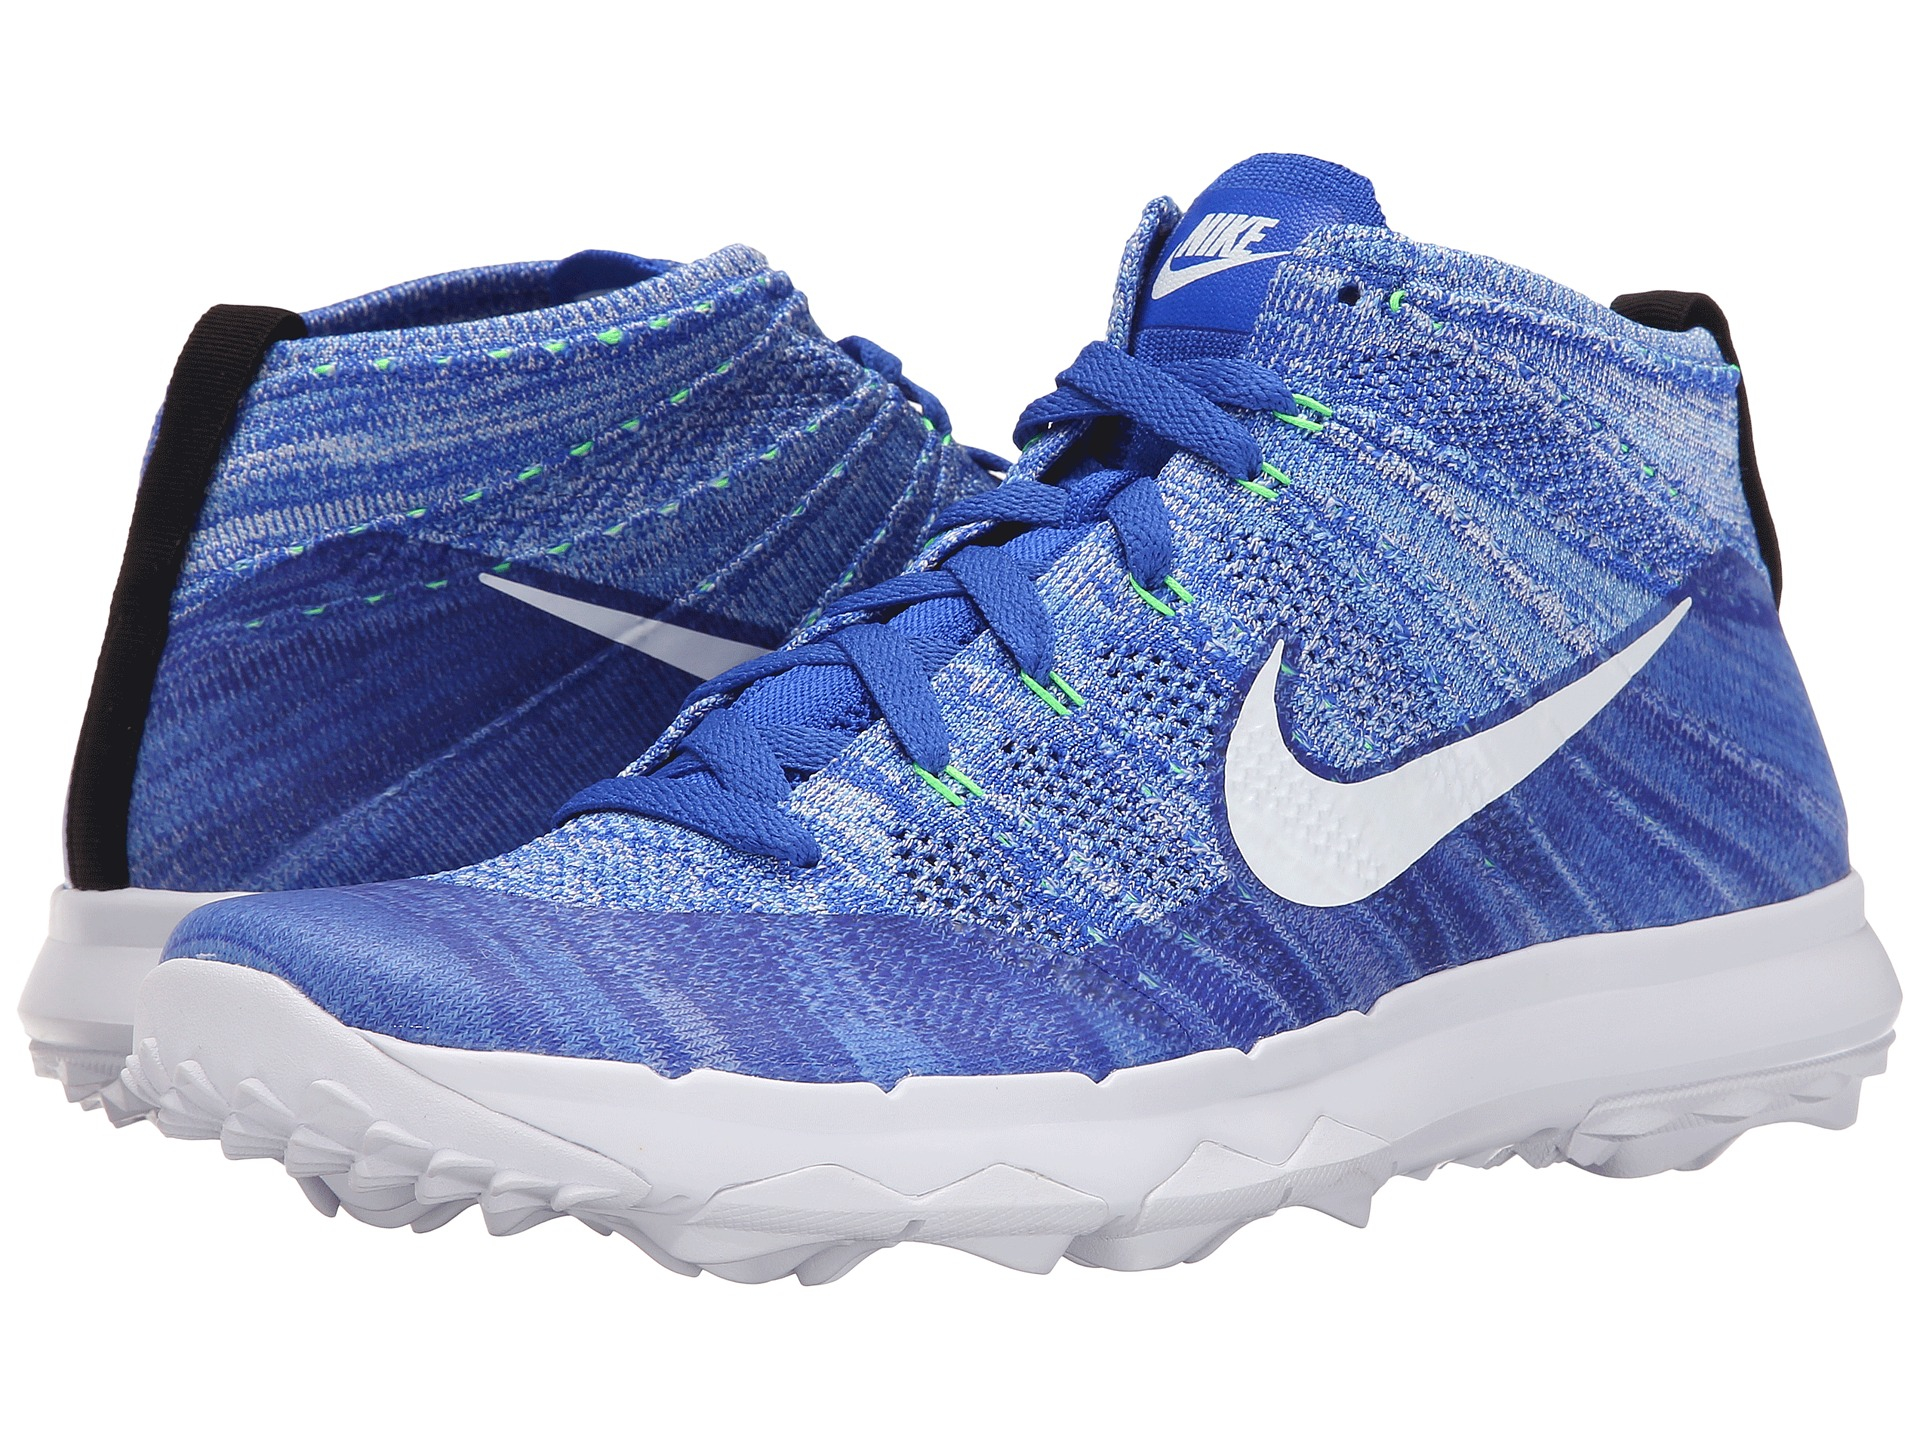 Nike Fi Flyknit Chukka In Blue For Men Lyst